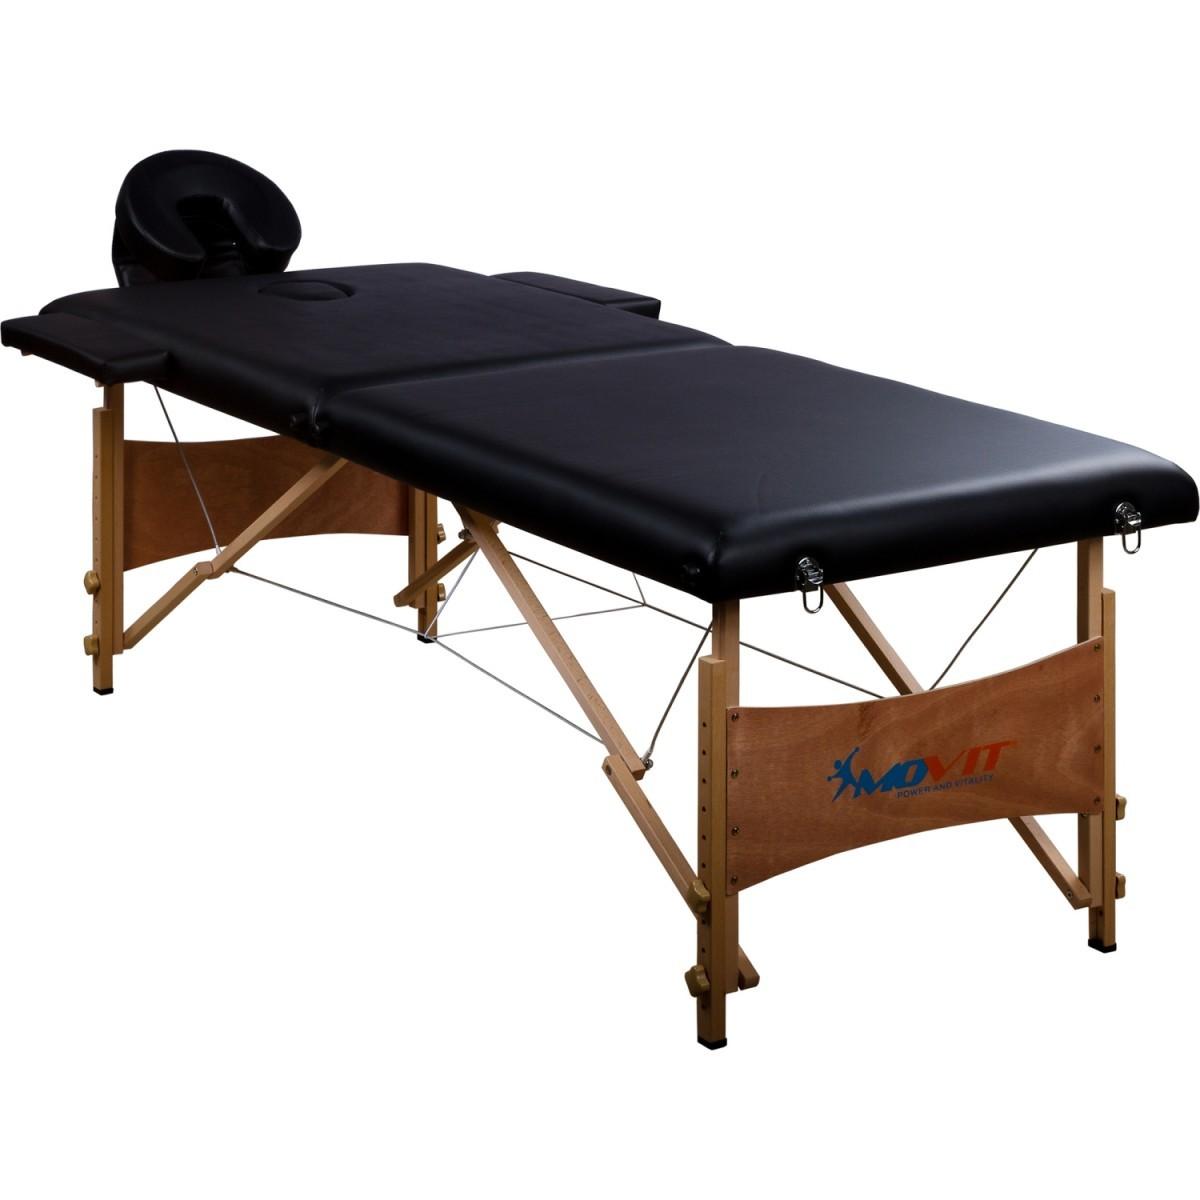 Přenosné masážní lehátko černé MOVIT 184 x 70 cm OEM